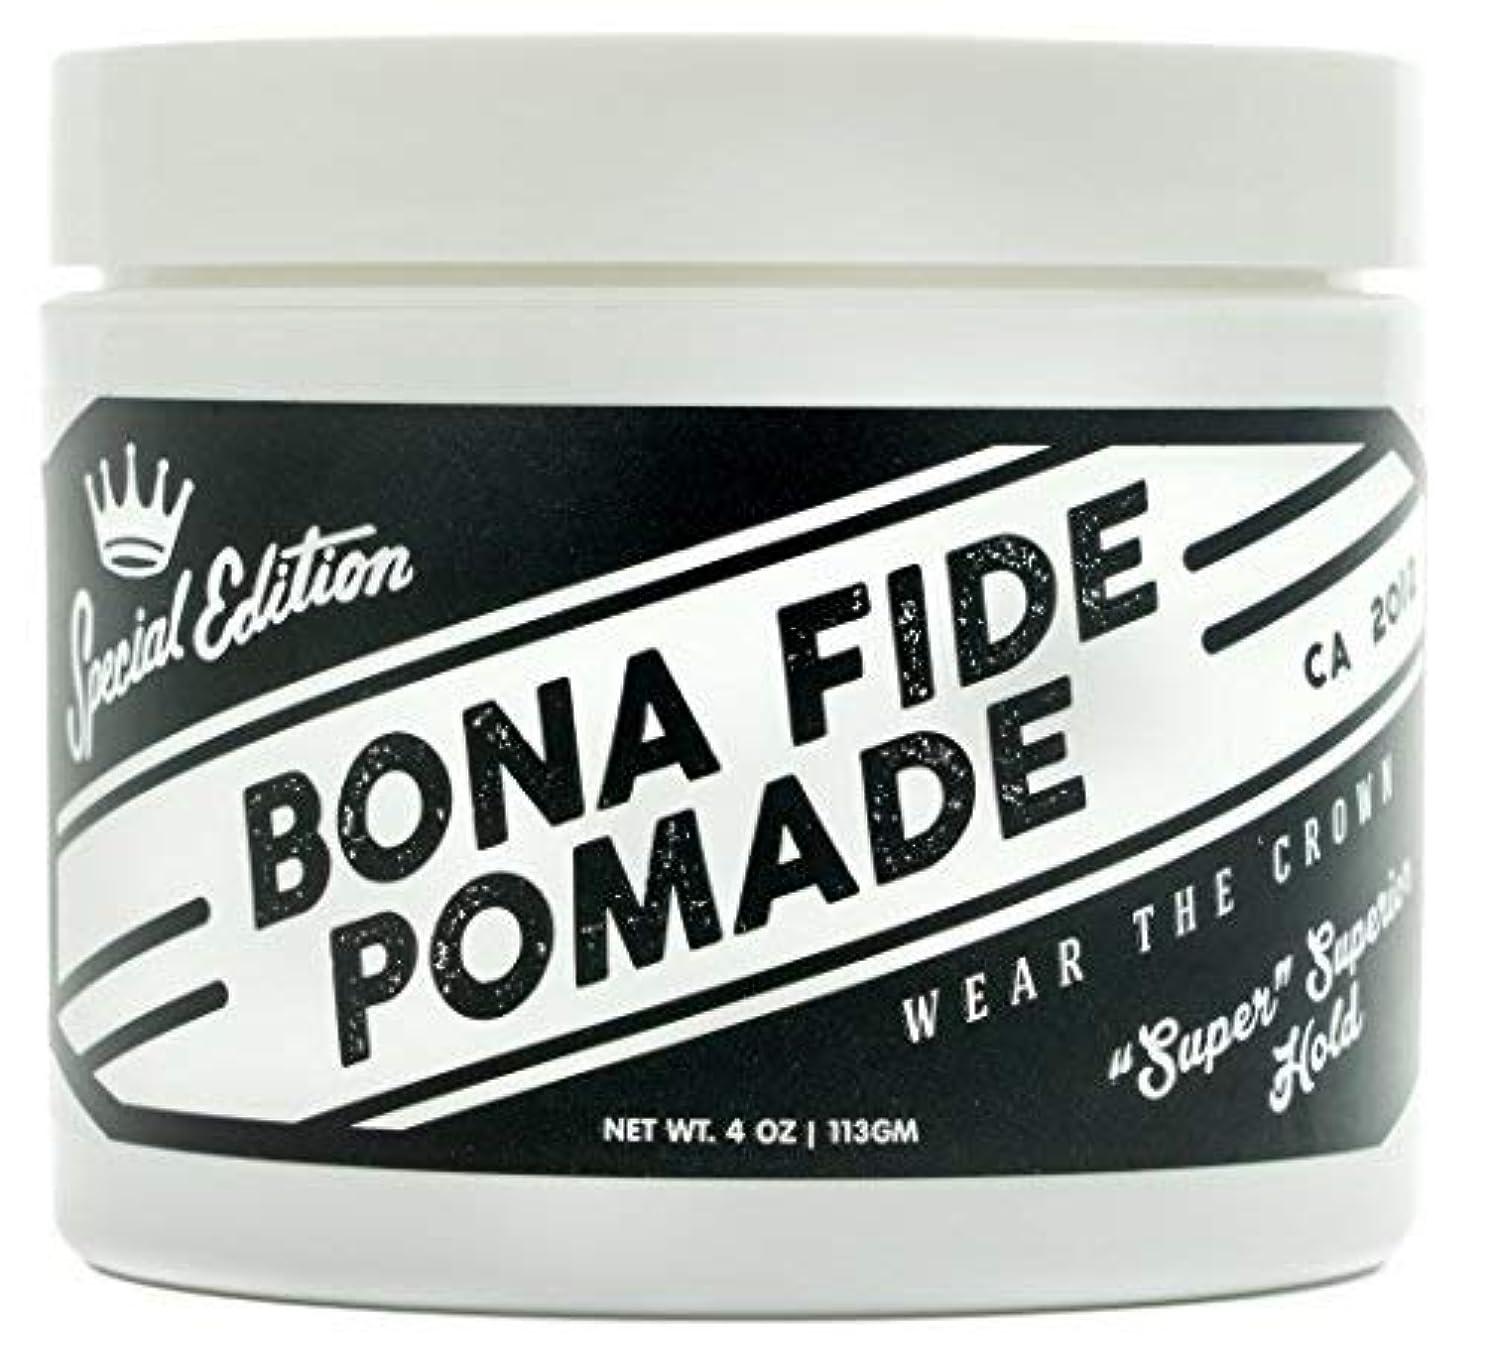 ミリメートル比率統合Bona Fide Pomade, スーパースーペリアホールドSE, 4OZ (113g)、水性ポマード/ヘアー グリース (整髪料)